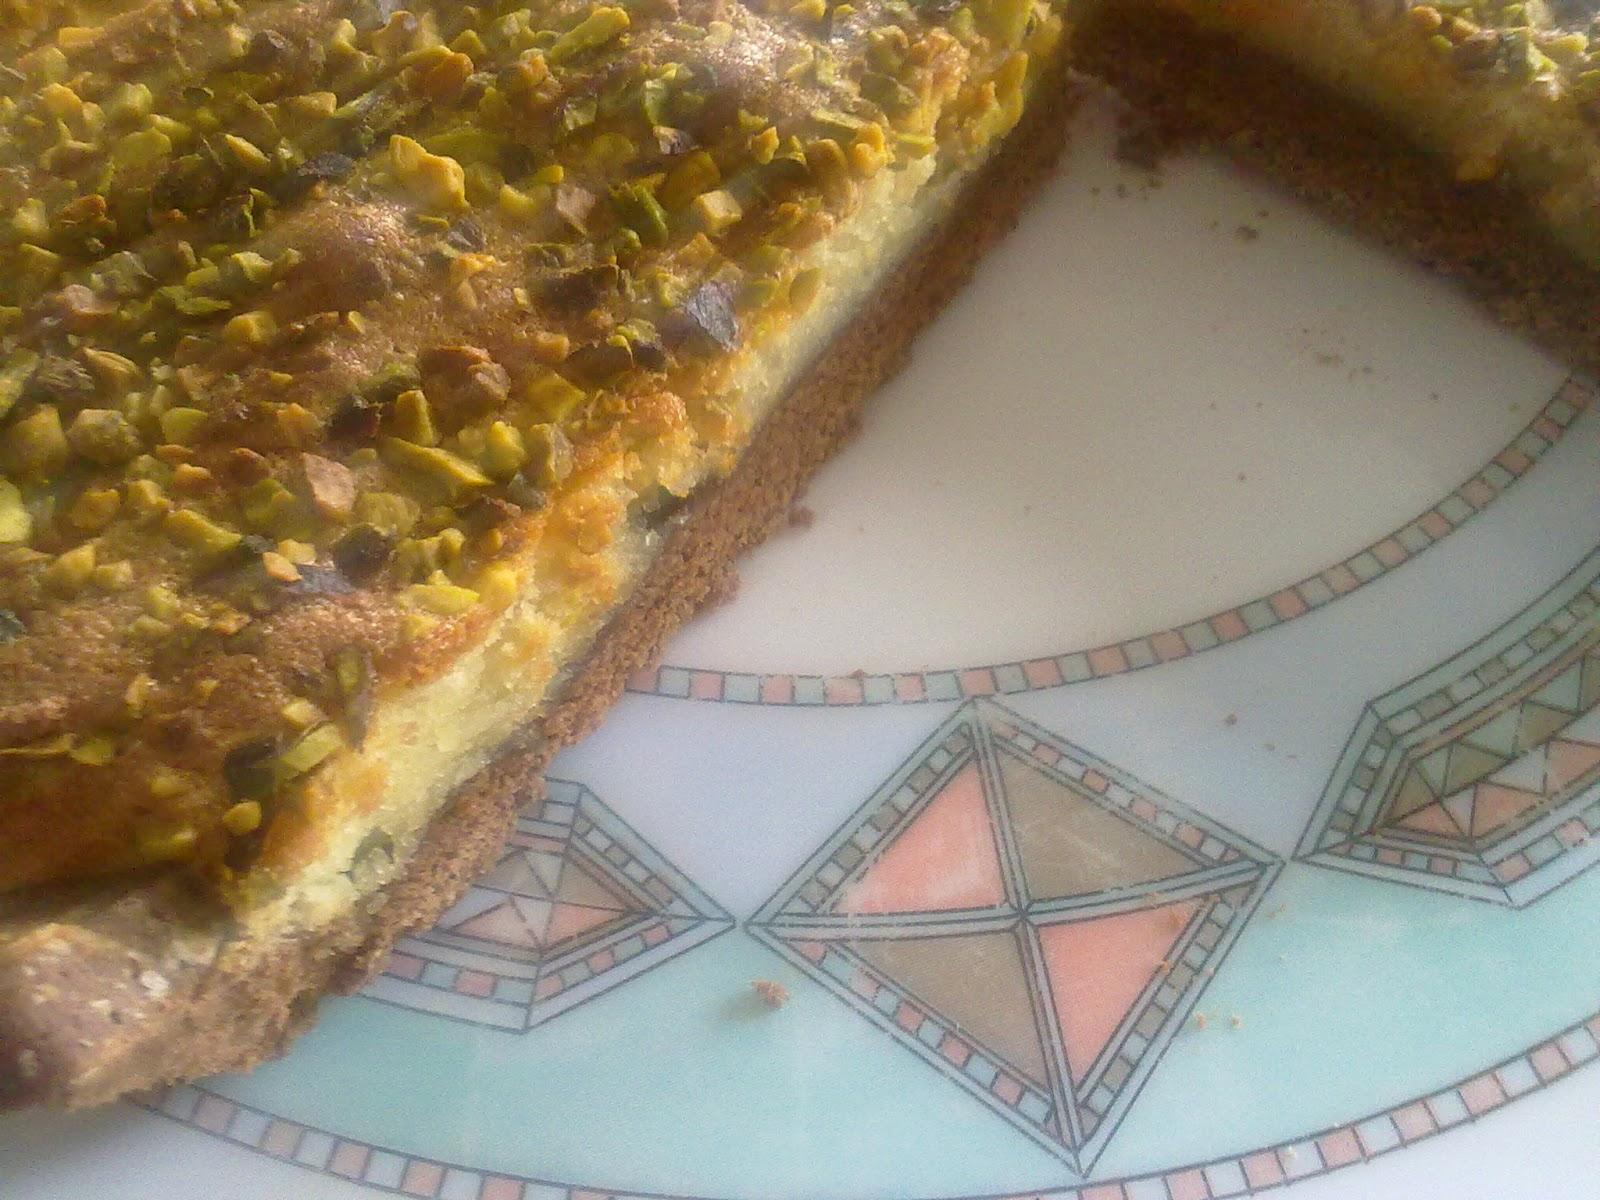 crostata al cioccolato con crema di mandorle e pistacchi